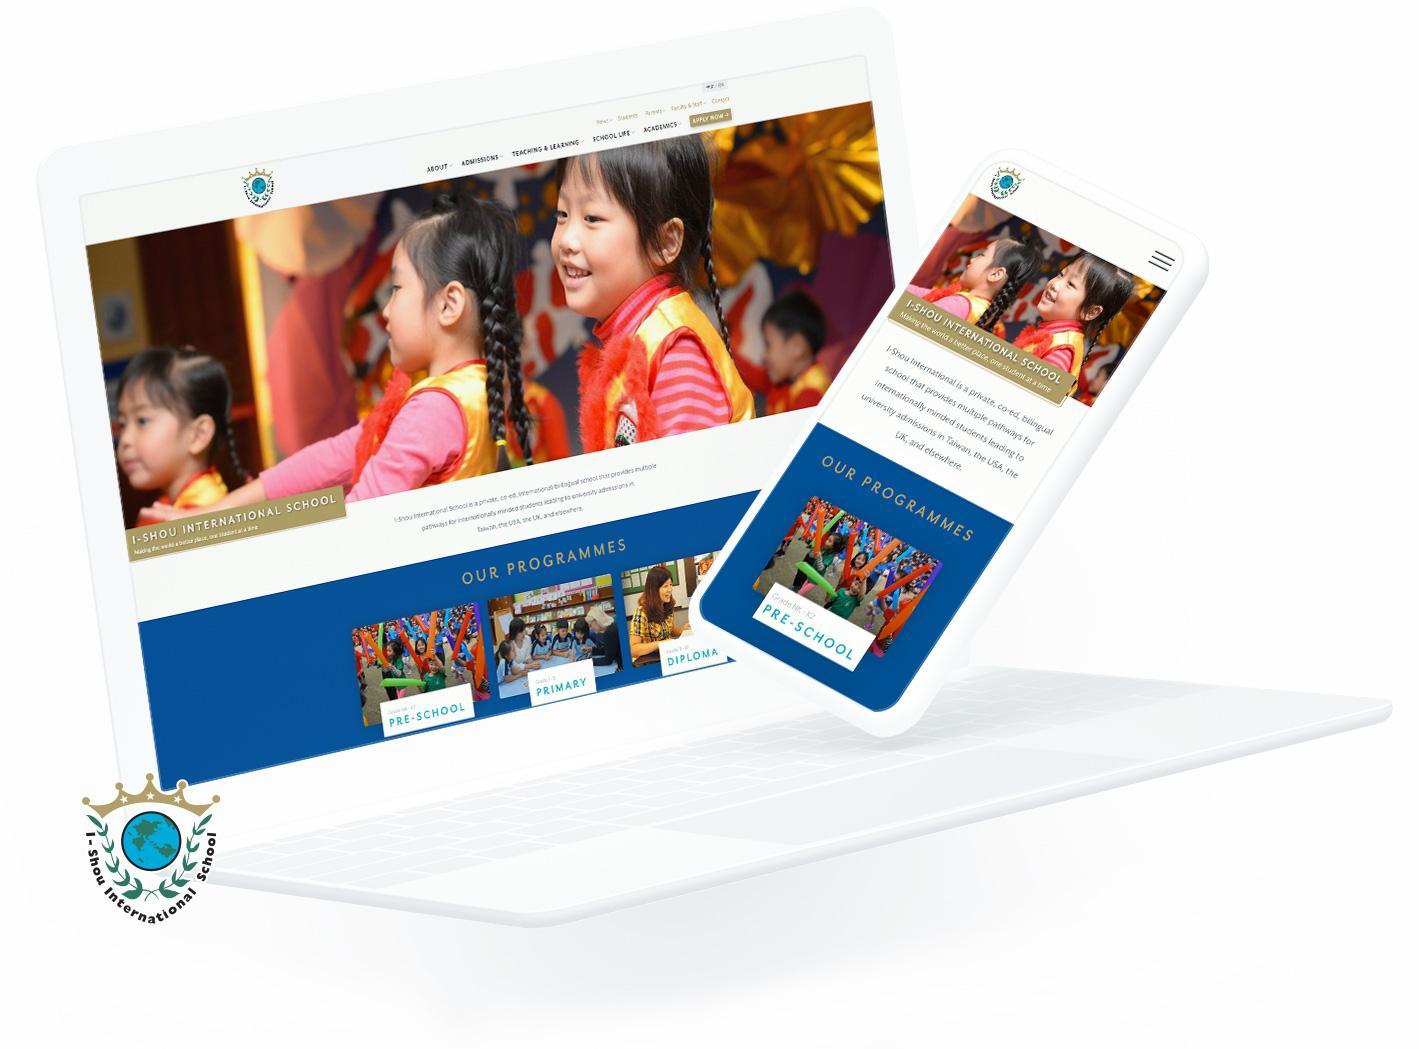 I-Shou Responsive Web Design (RWD)